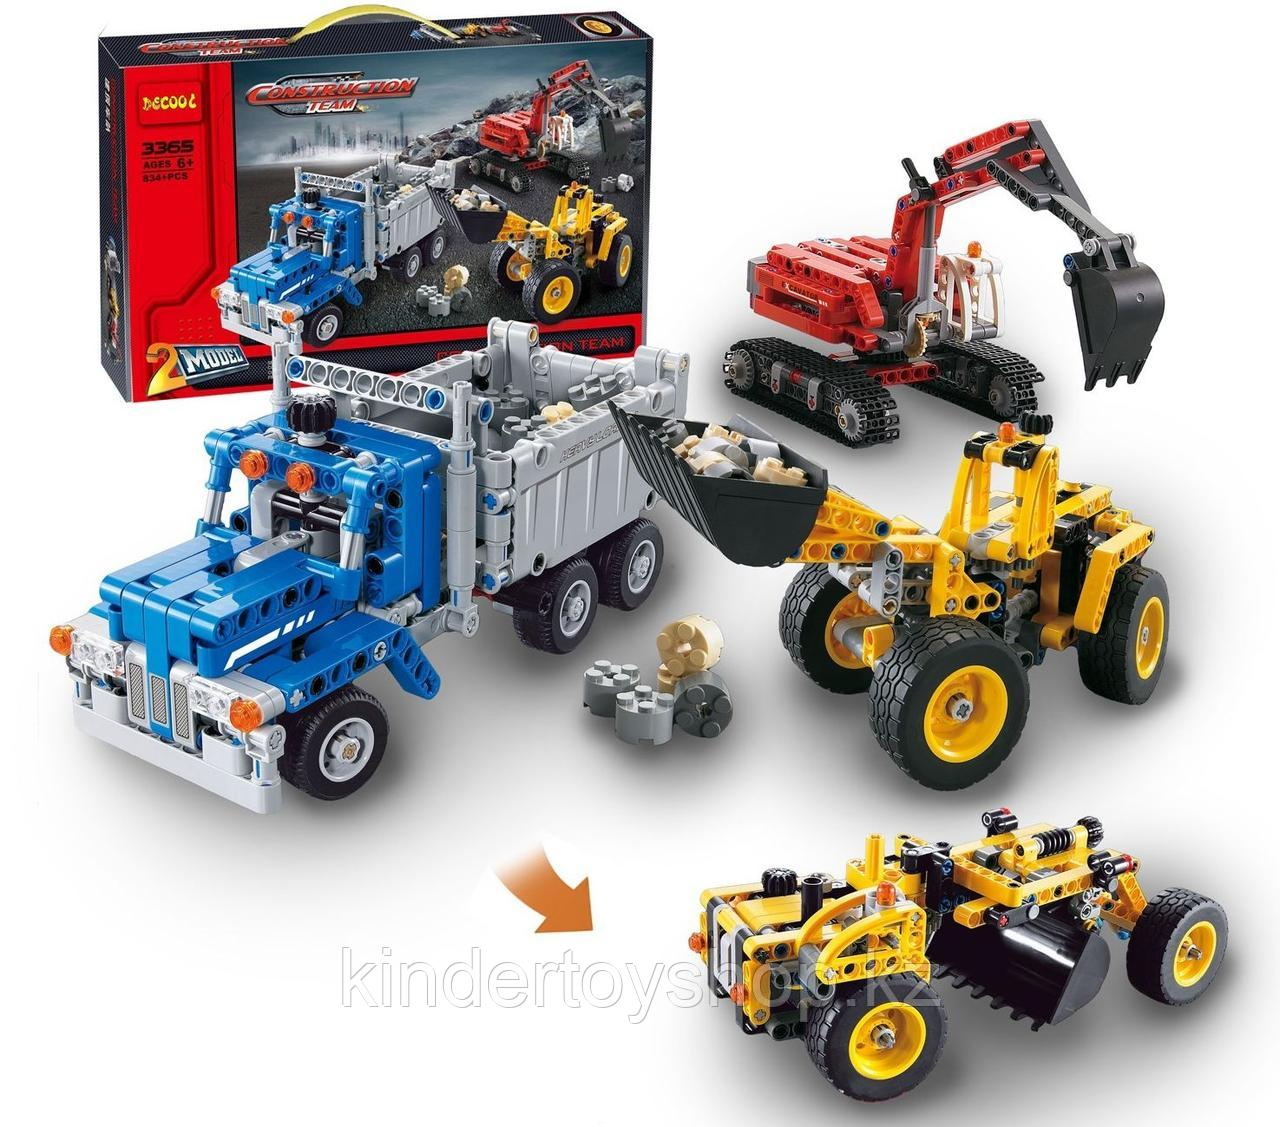 Конструктор Decool Technic Строительная команда 3365 (Аналог LEGO Technic 42023) 834 дет